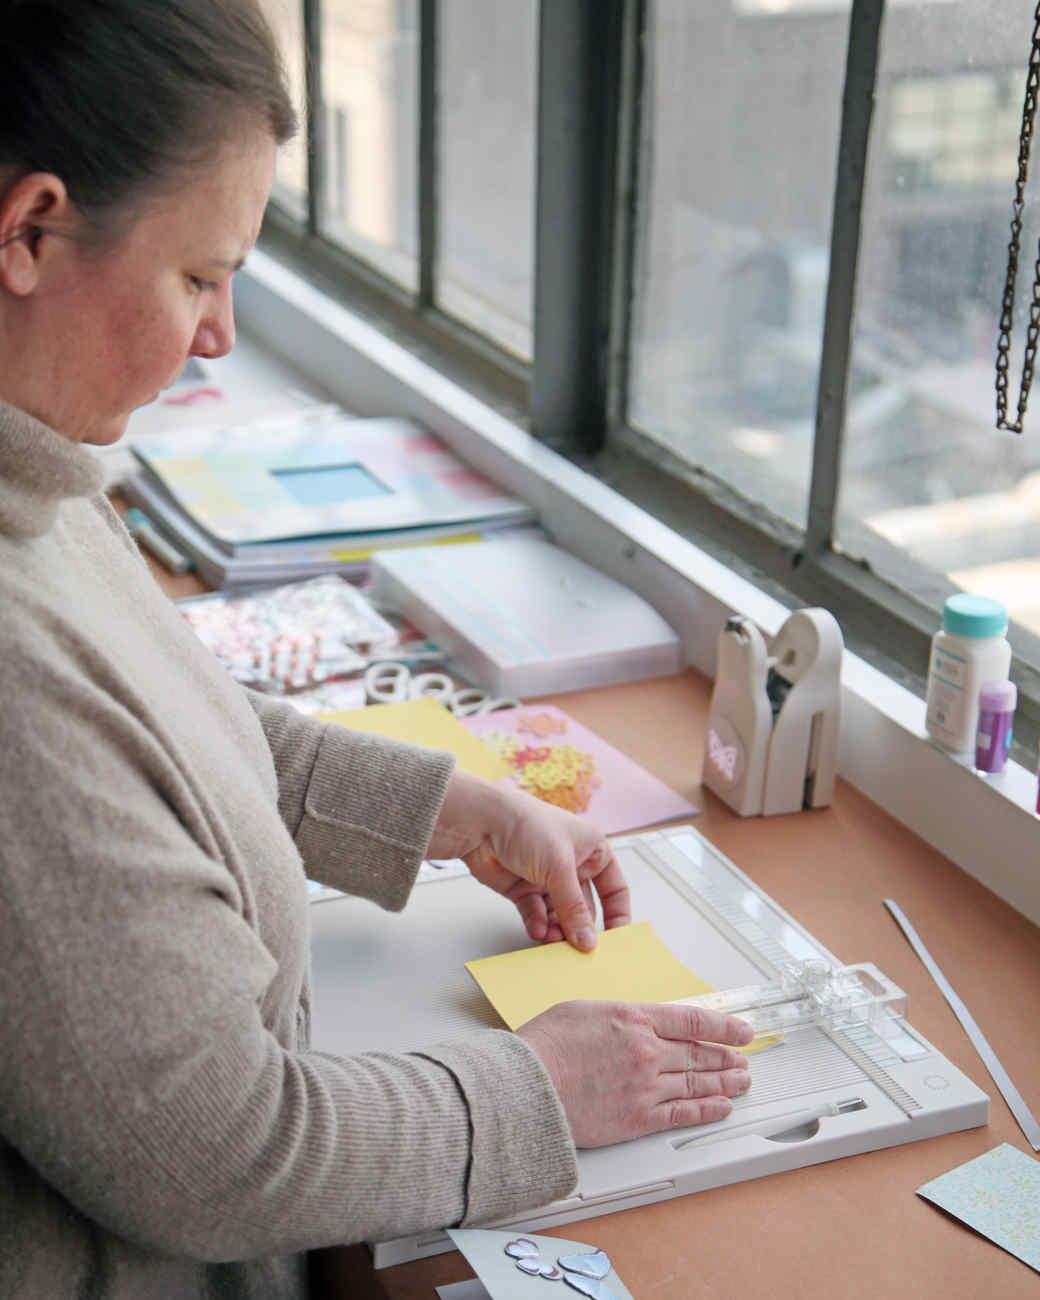 crafternoon-crafts-9131-d111221-0414.jpg